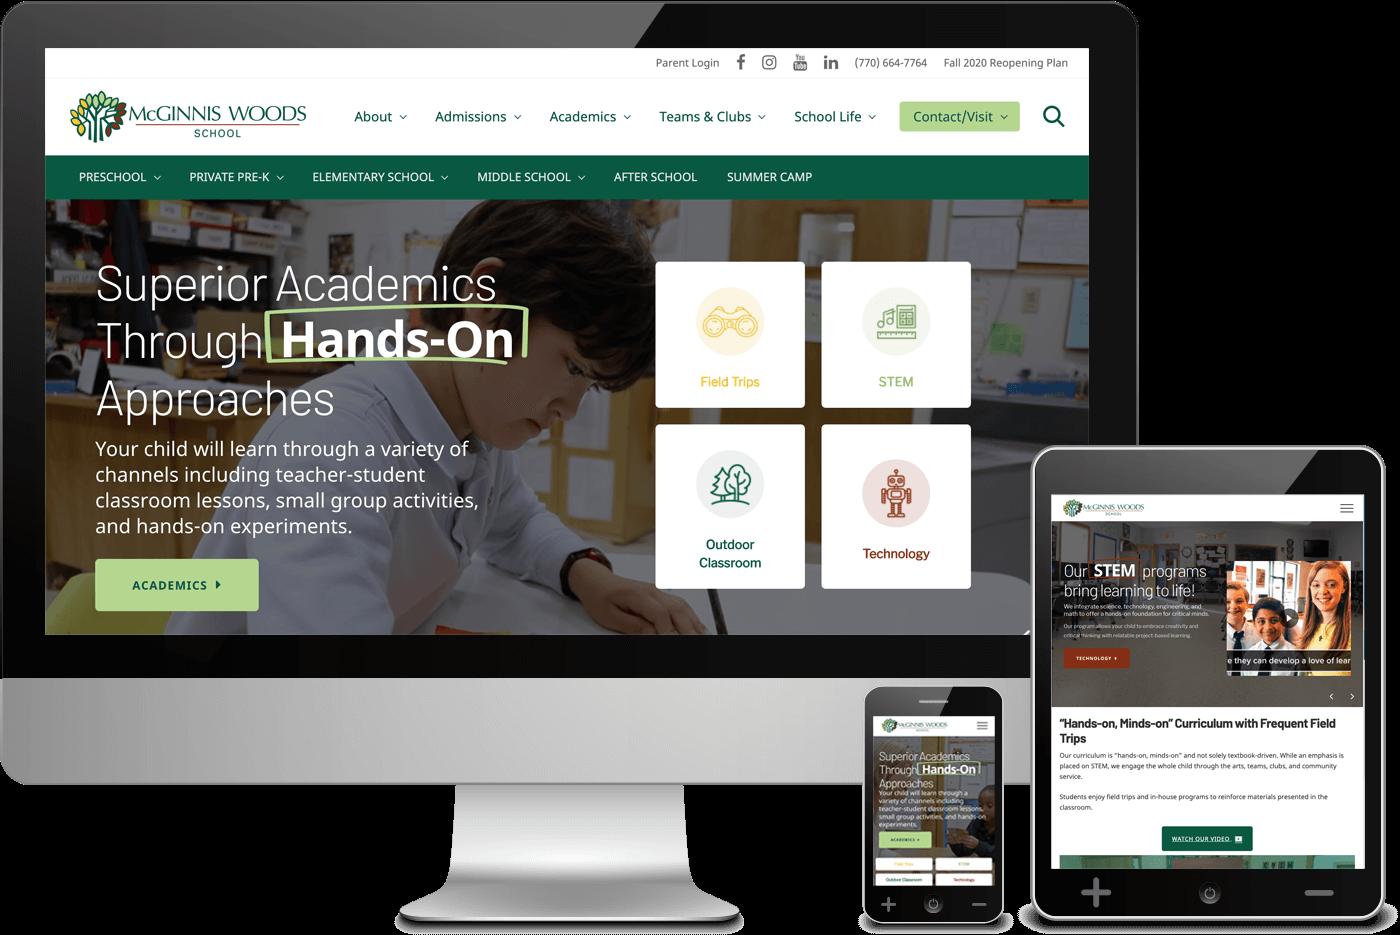 McGinnis Woods School Website Redesign